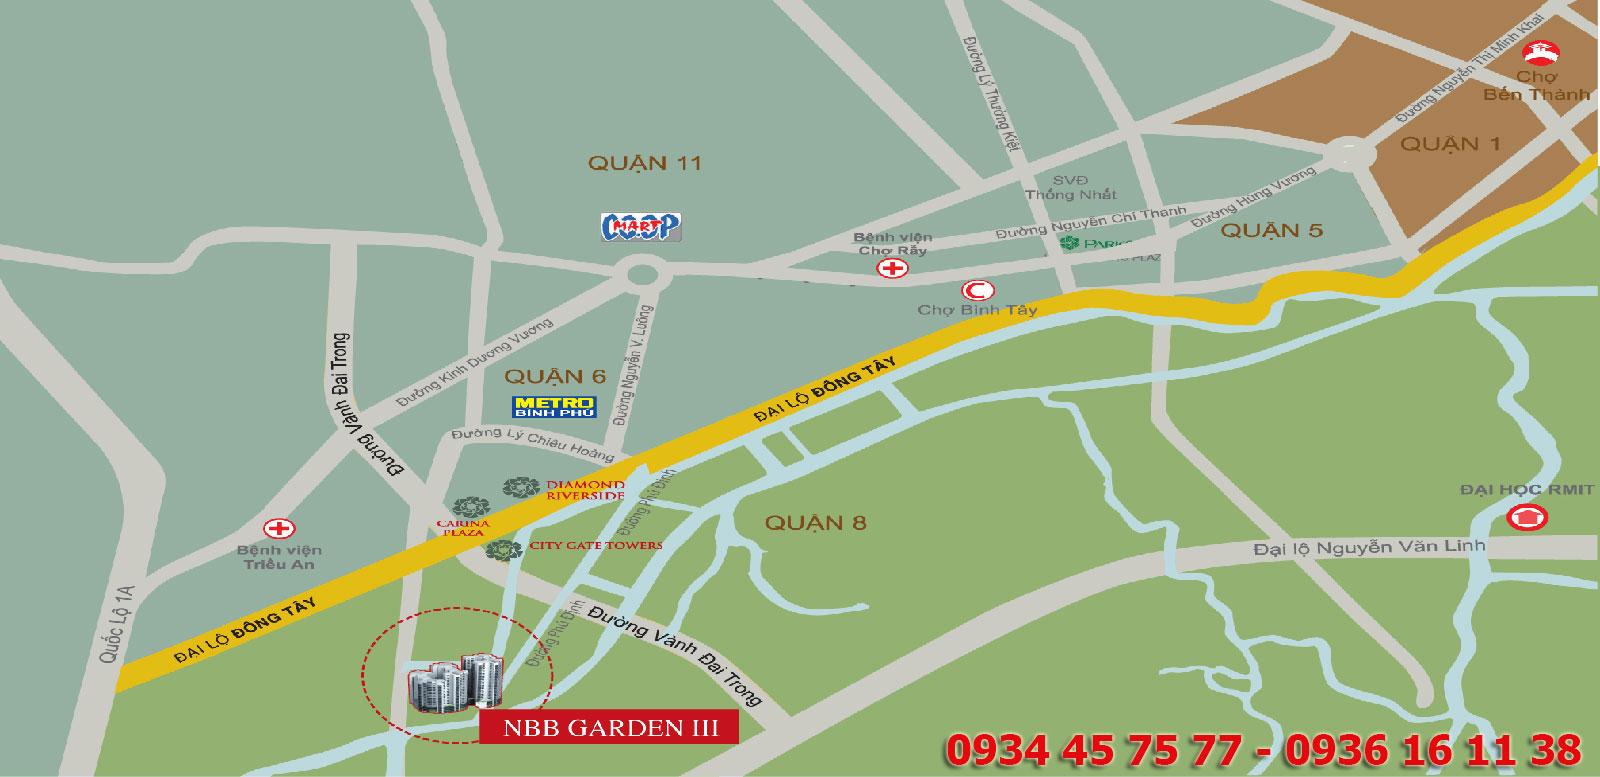 Căn hộ CITY GATE 3 QUẬN 8